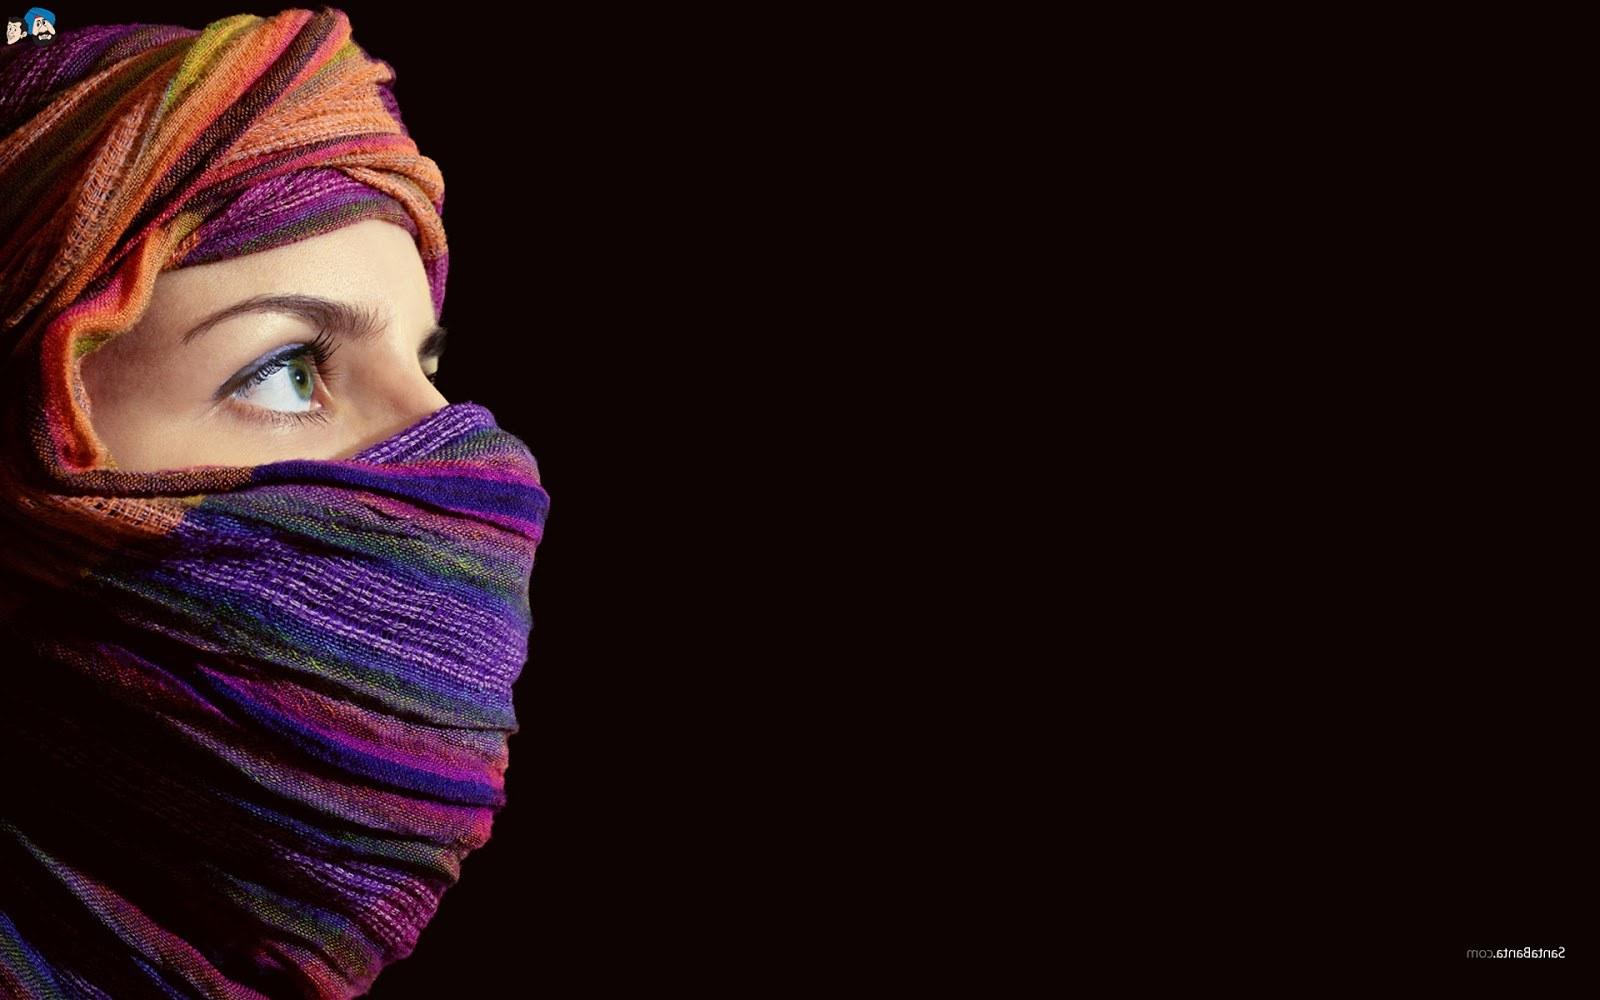 Design Muslimah Bercadar Cantik Whdr Koleksi Wallpaper Wanita Muslimah Bercadar Fauzi Blog